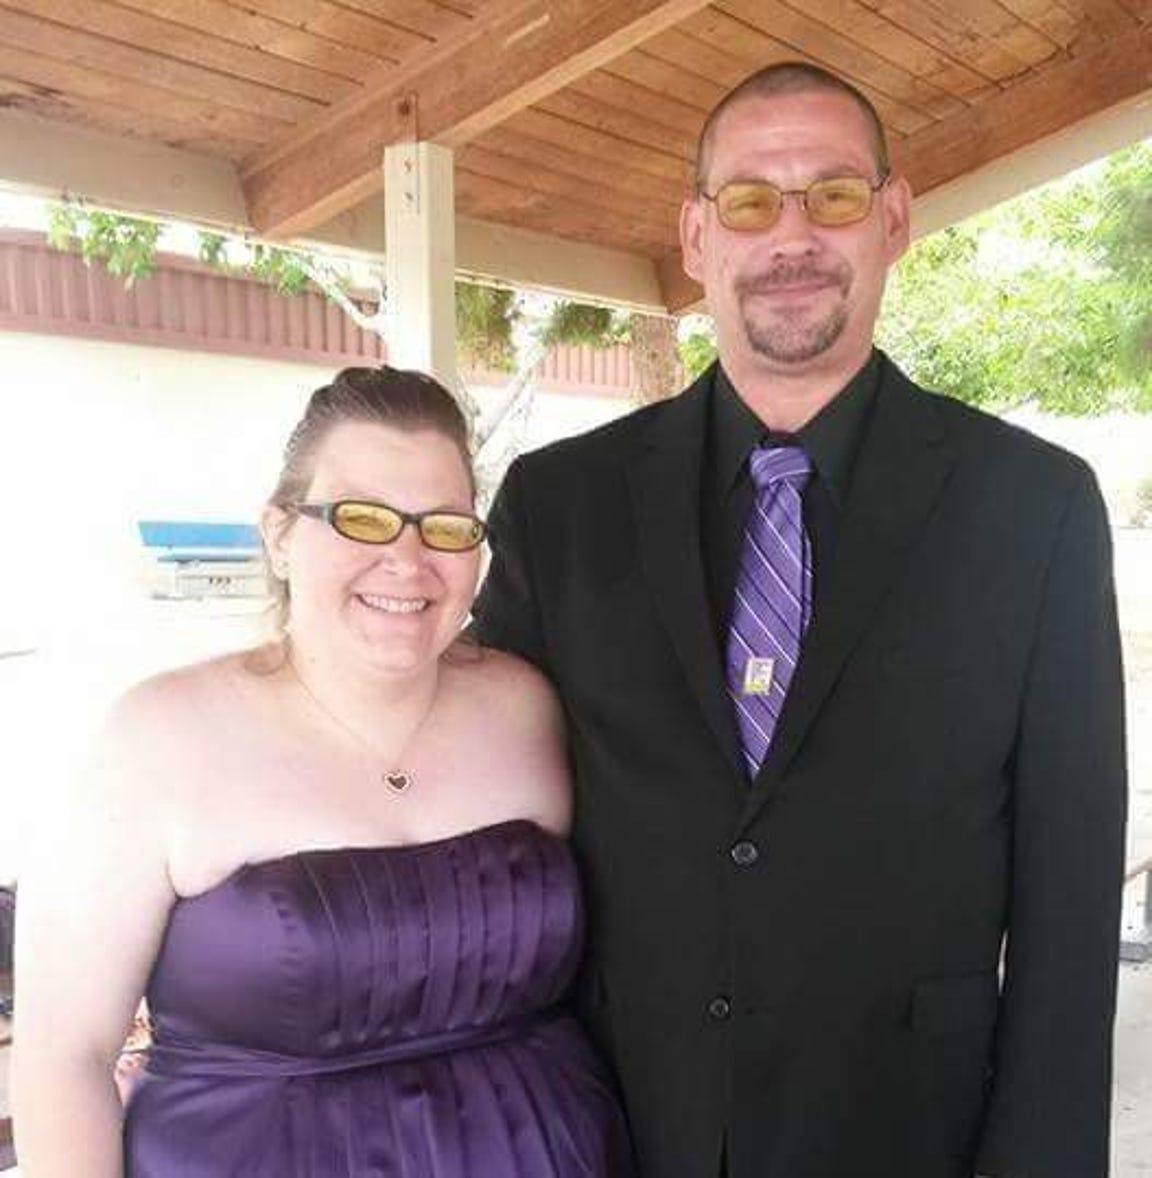 Paul and Misty Warfox married in 2016.